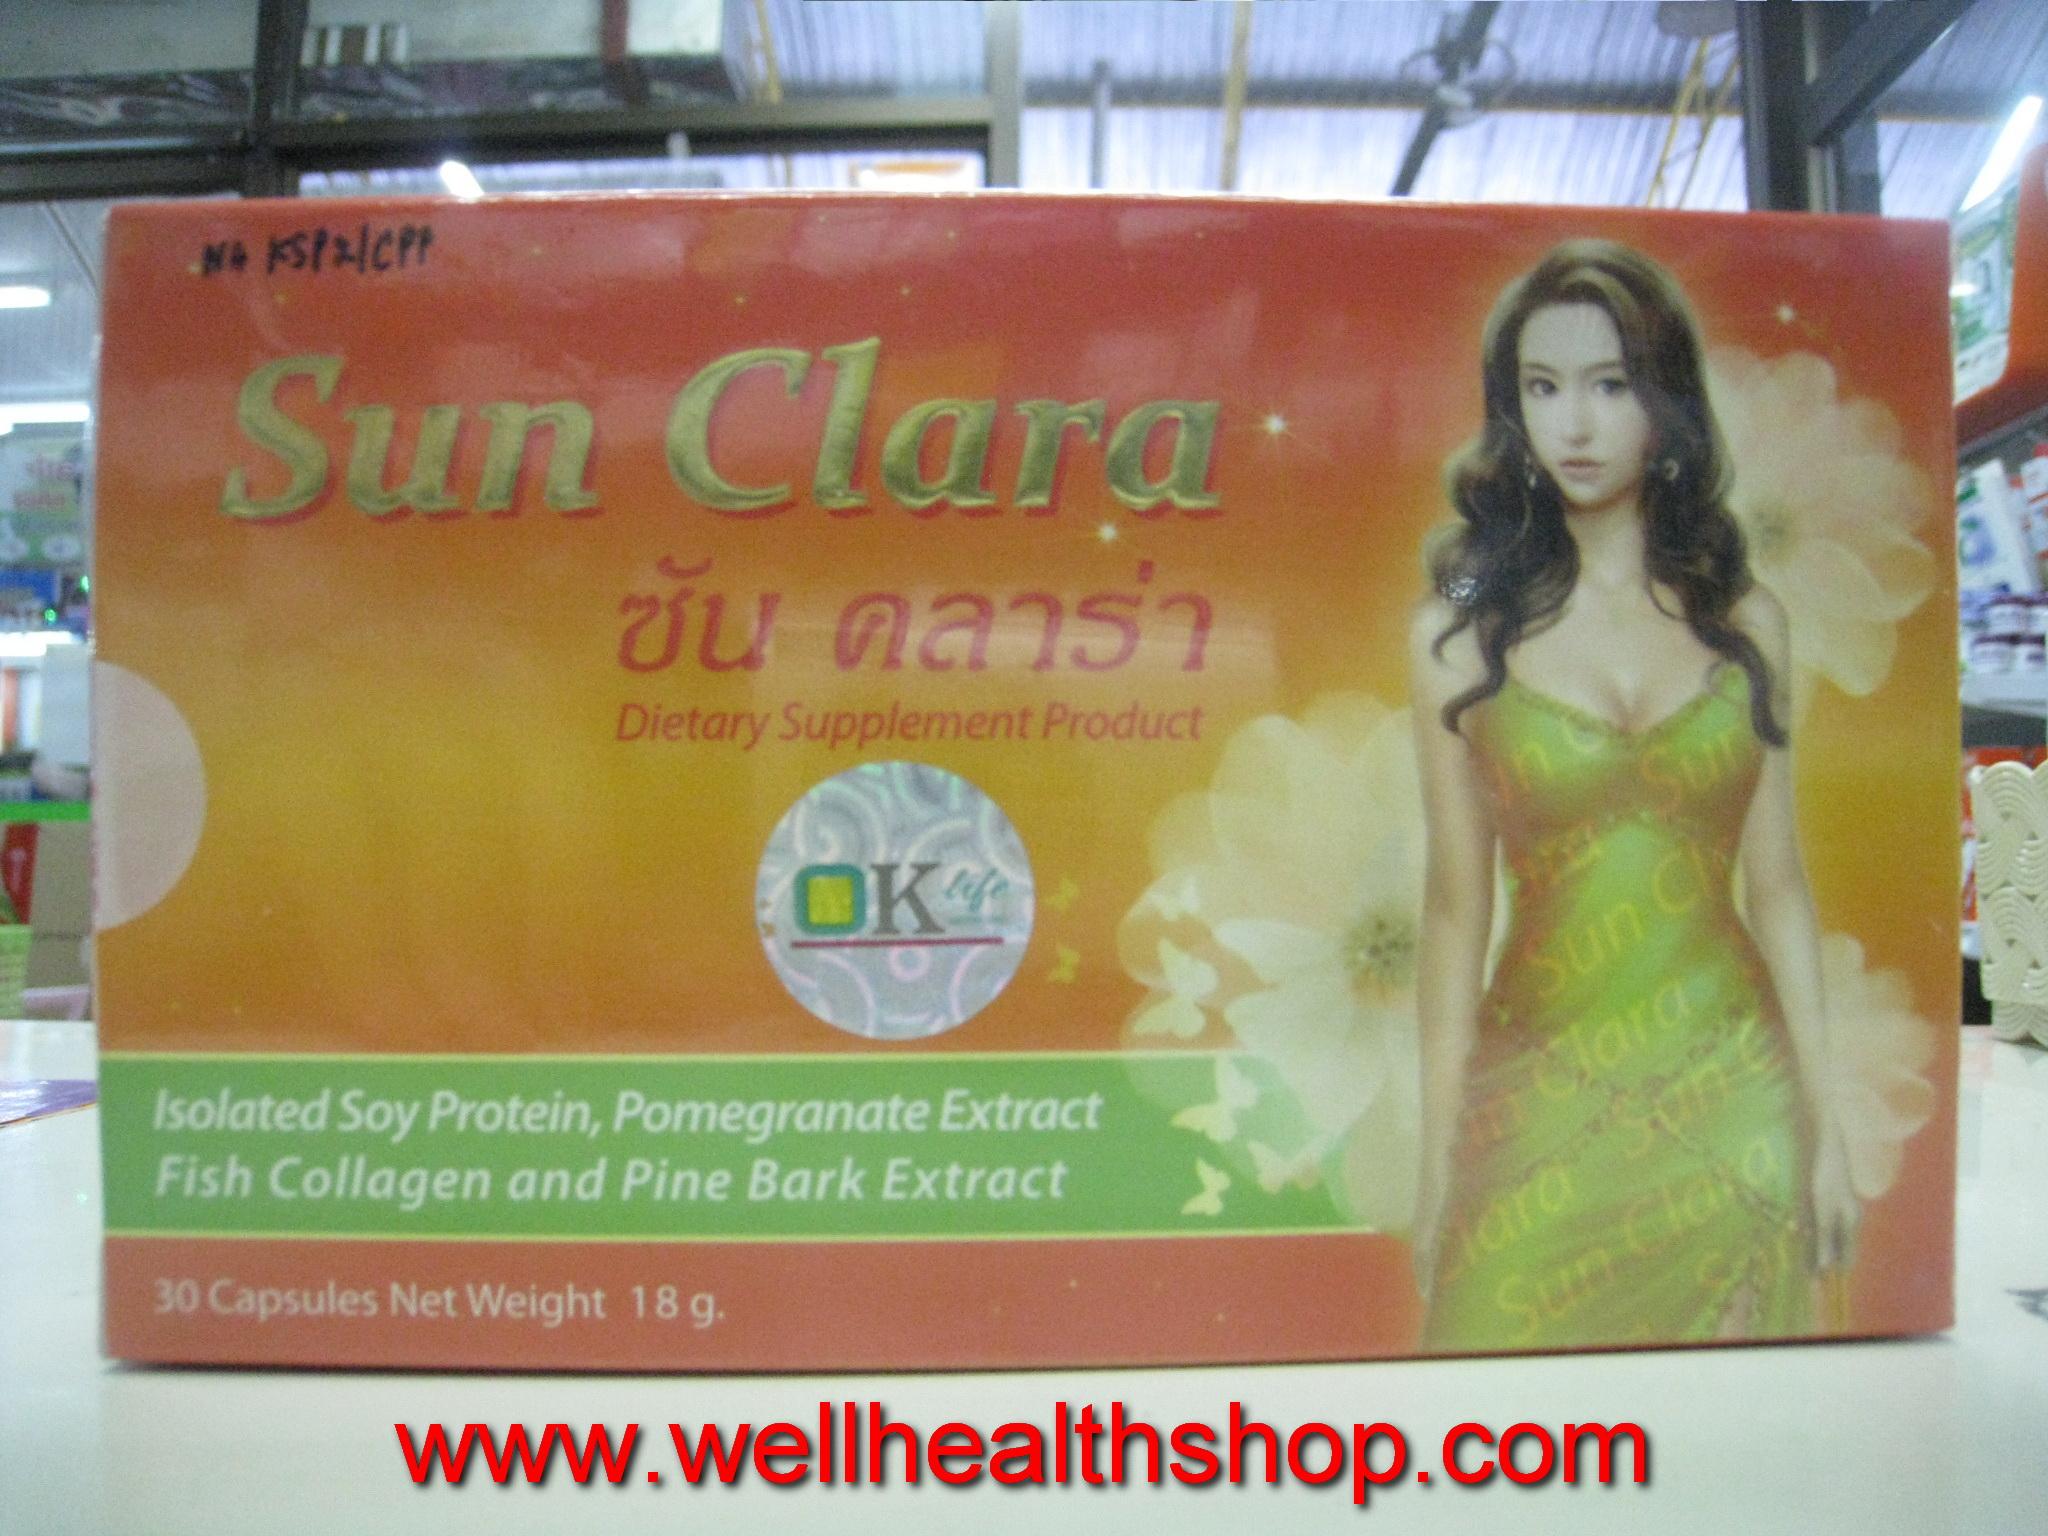 sunclara ซันคาร่า โฉมใหม่ กล่องส้ม ส่งฟรีEMS